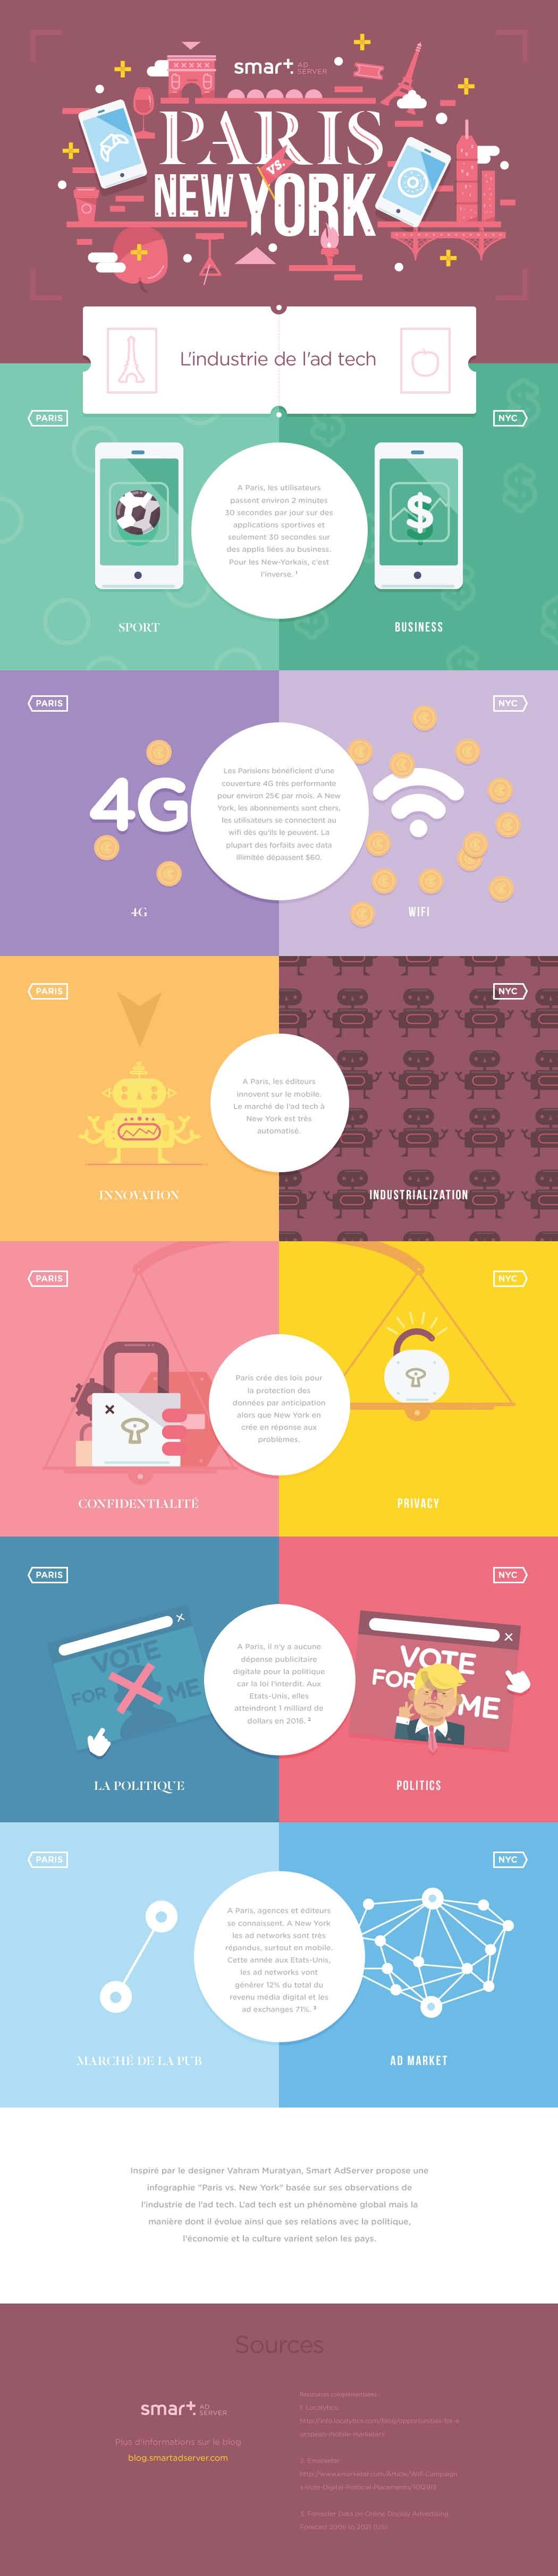 Infographie Smart AdServer - Industrie de l'ad tech Paris Vs NY2 (2)